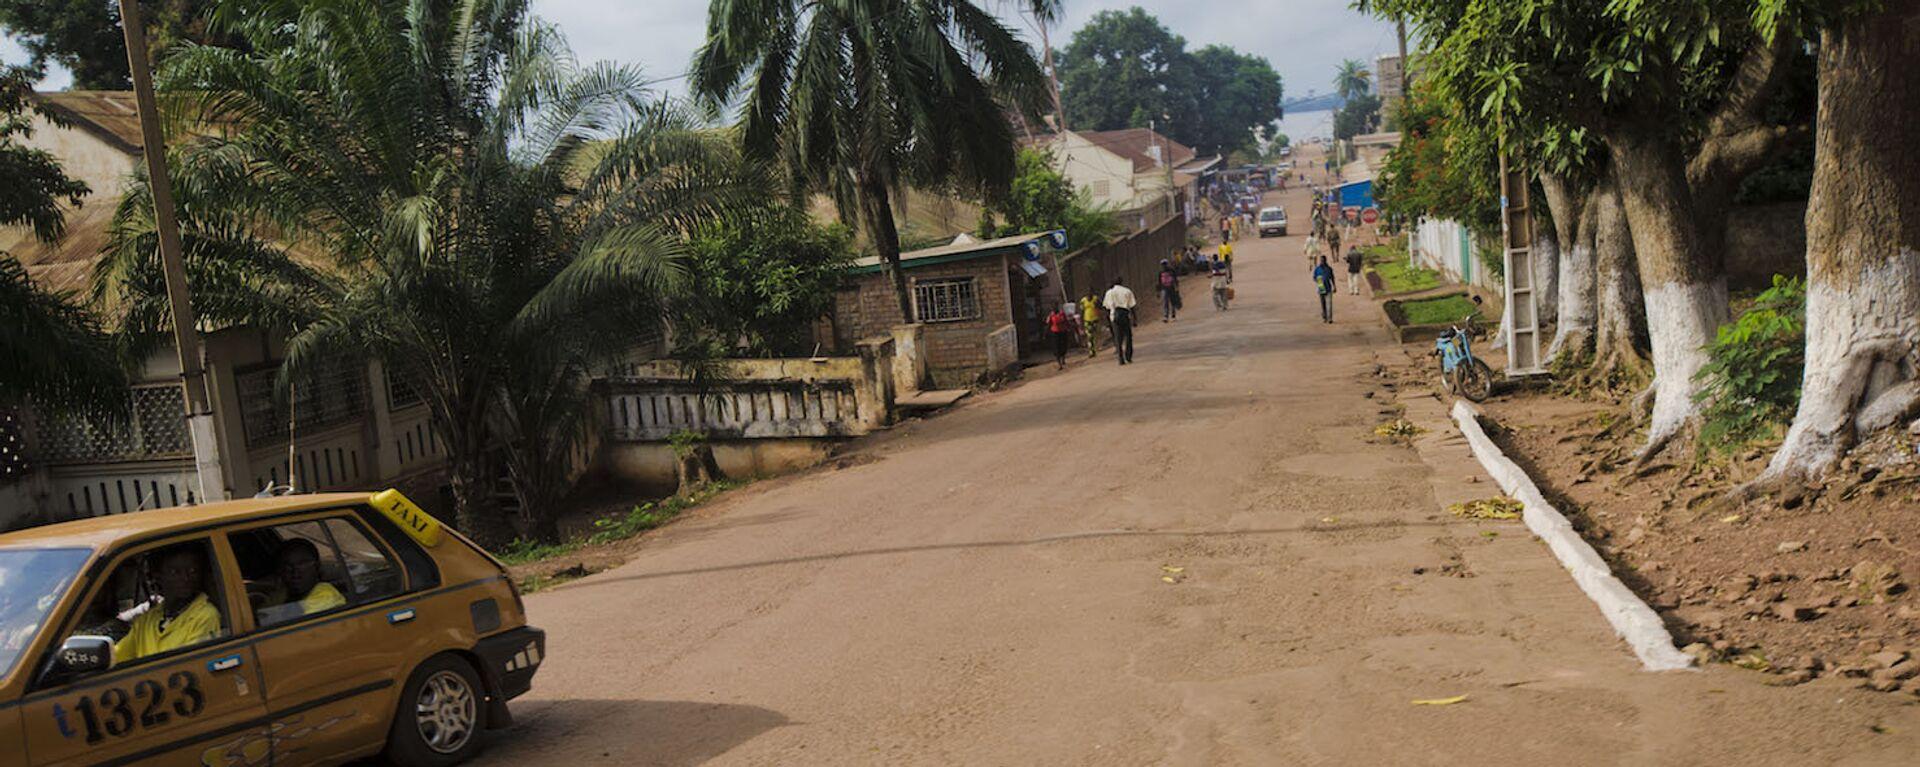 Bangui, la capital de la República Centroafricana - Sputnik Mundo, 1920, 23.04.2021